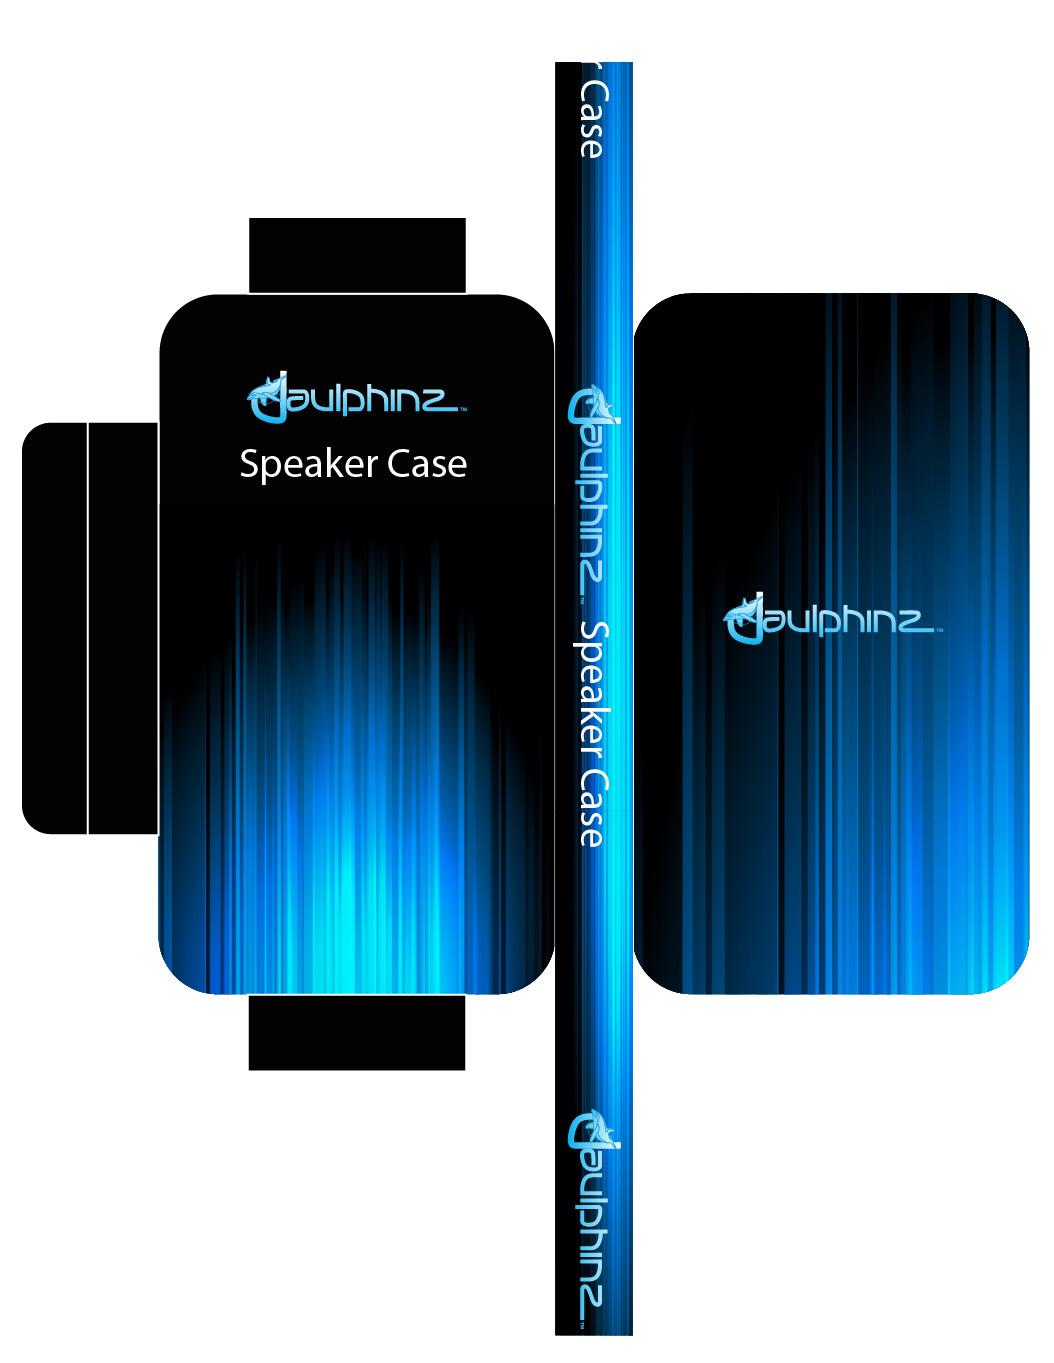 DAULPHINZ SPEAKERS-CASE-03.jpg